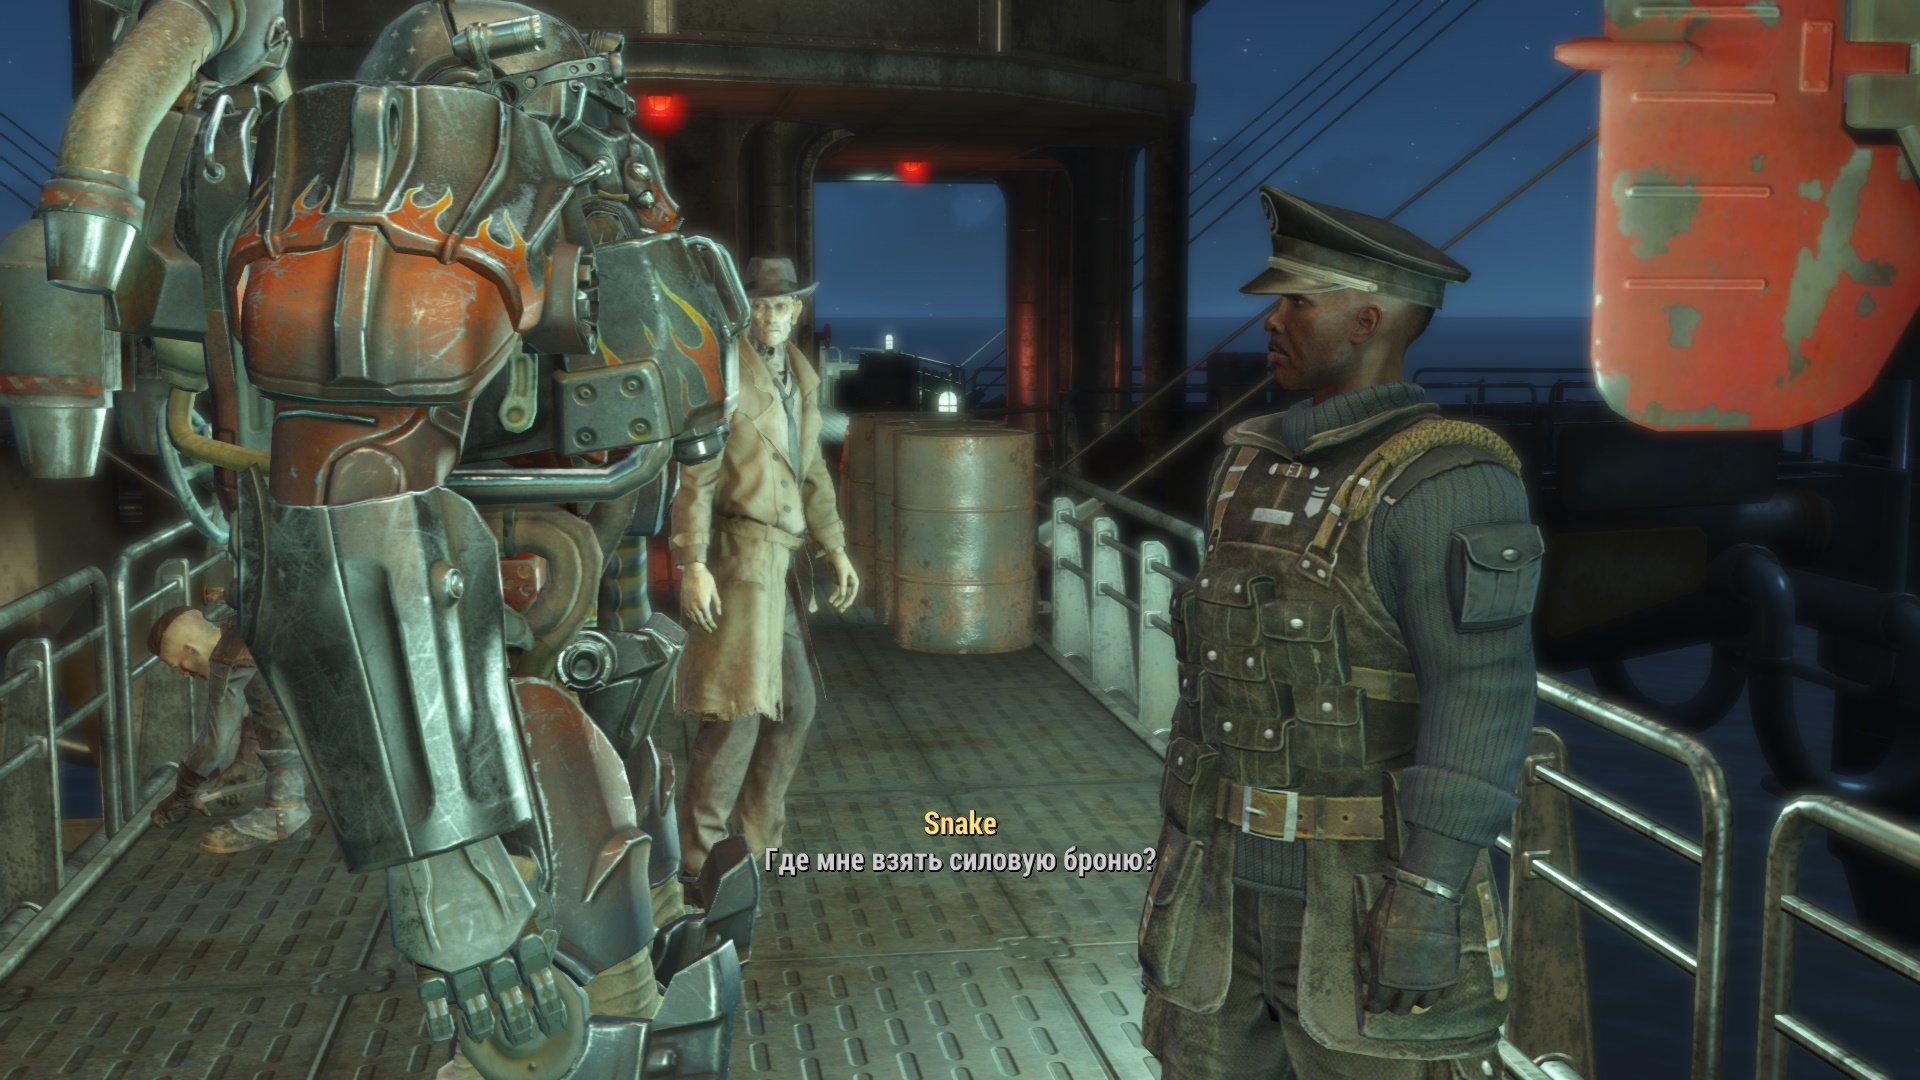 Сравнительный анализ (на самом деле нет) Fallout New Vegas vs. Fallout 4 (часть 1) - Изображение 15